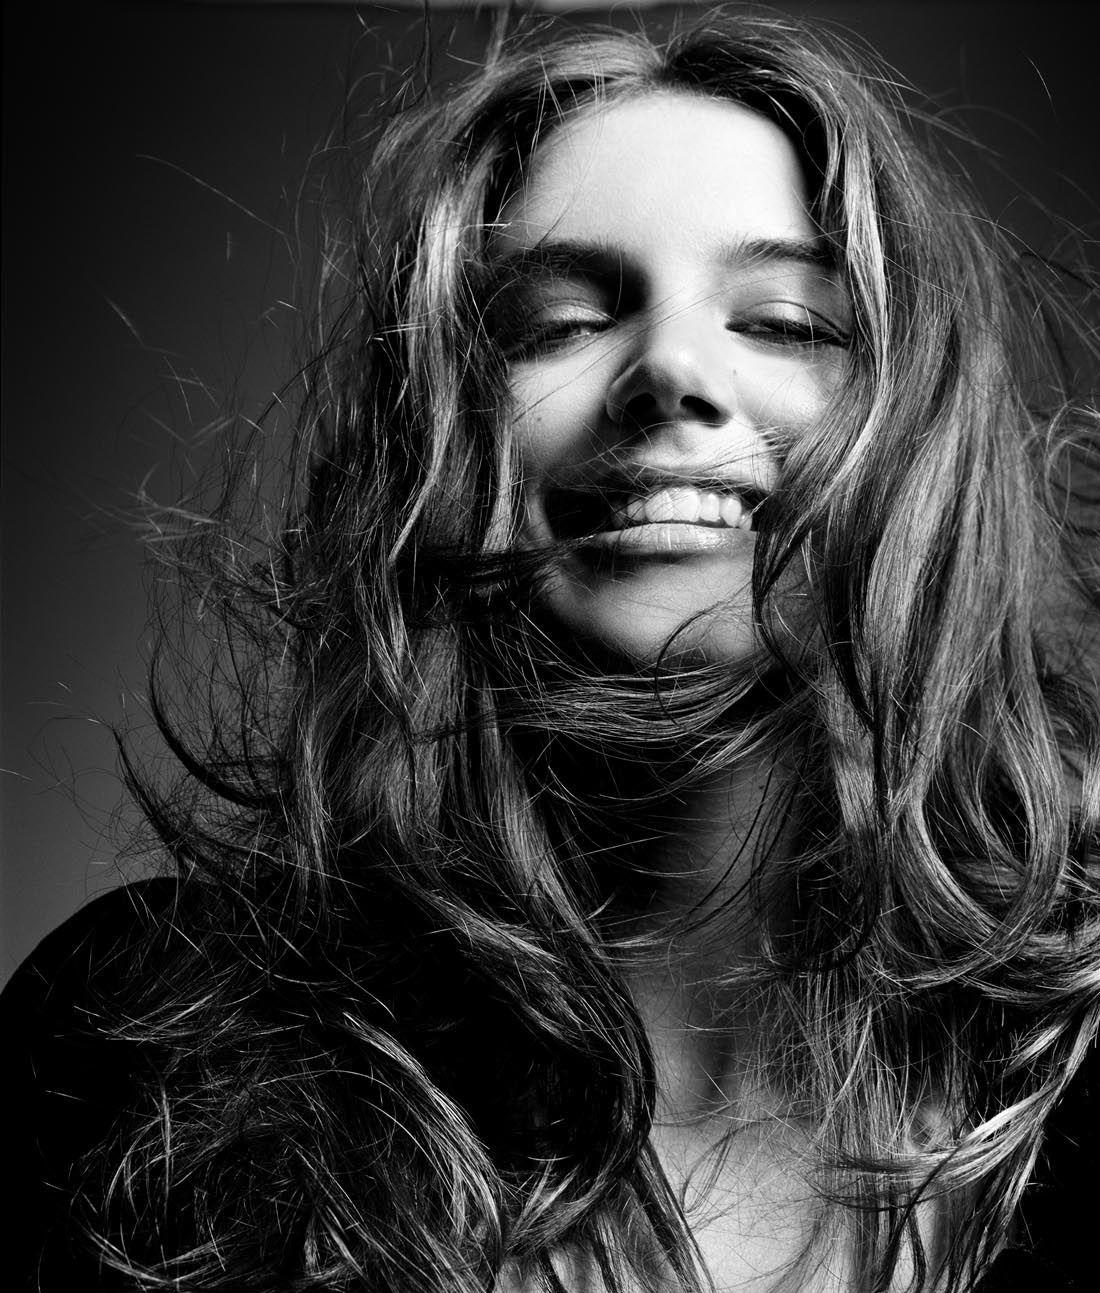 Katie Noelle Holmes